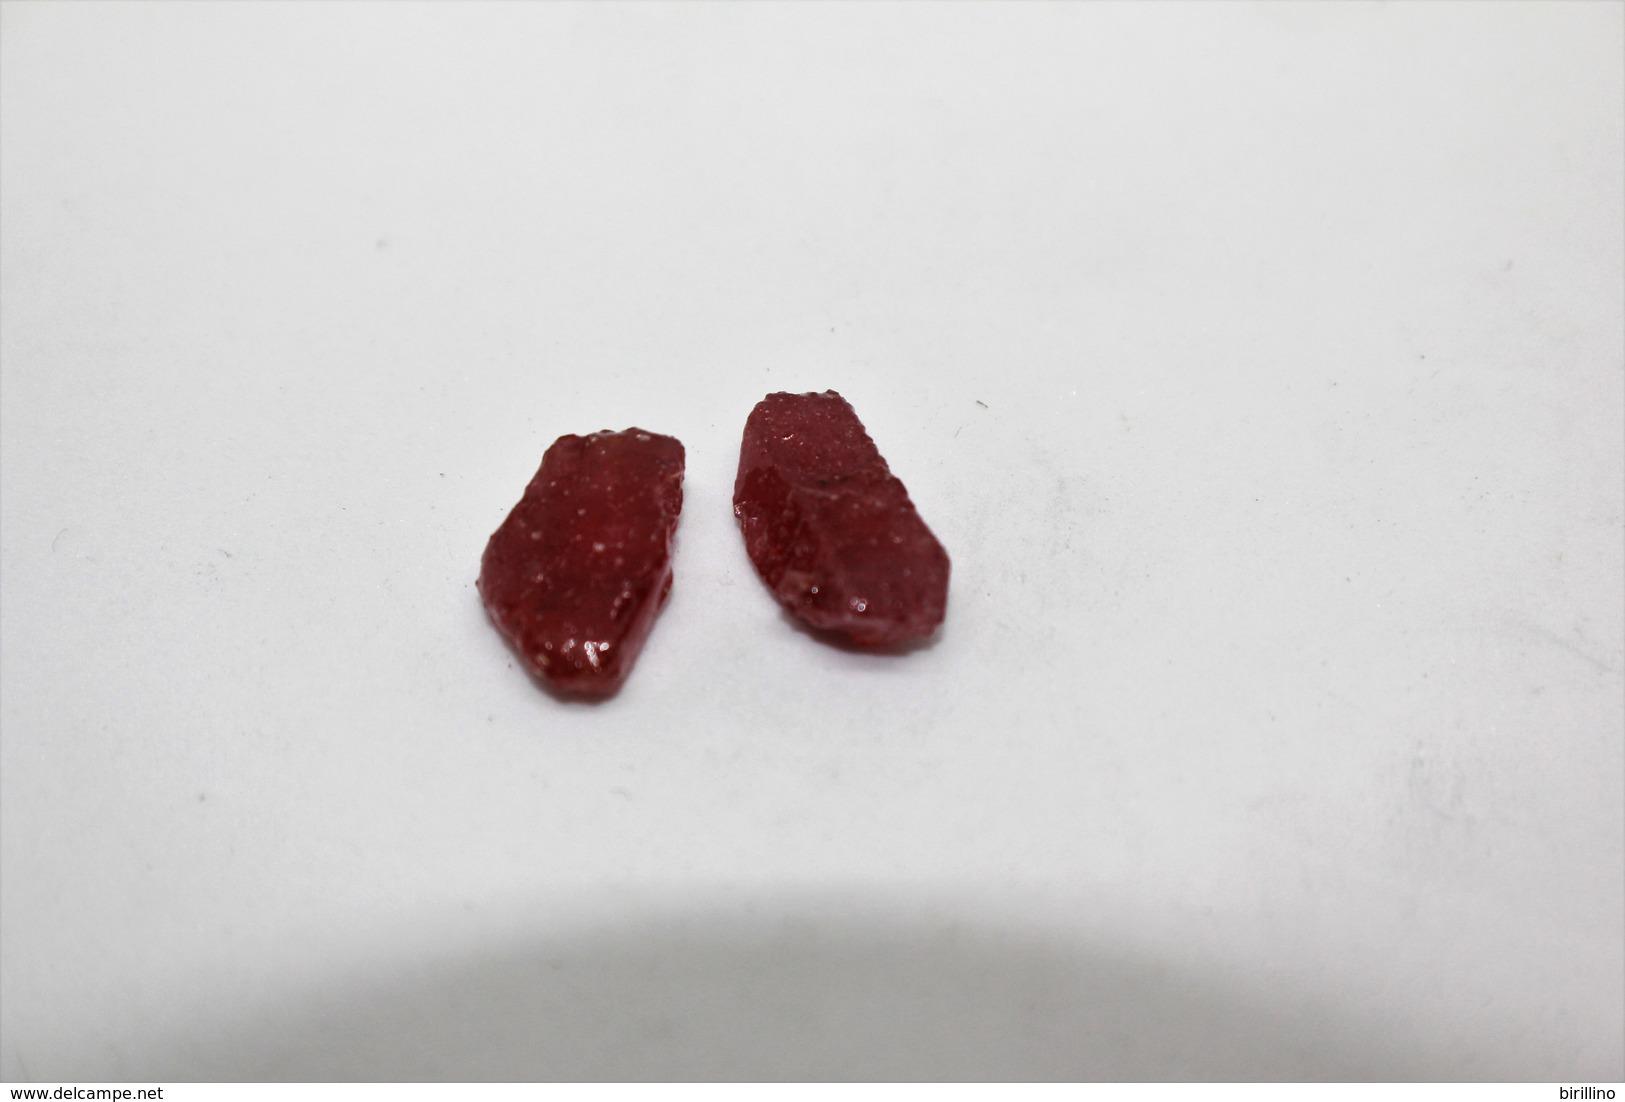 Rubino (2 Pezzi) Ct. 16.07 - Provenienza Madagascar - Rubino